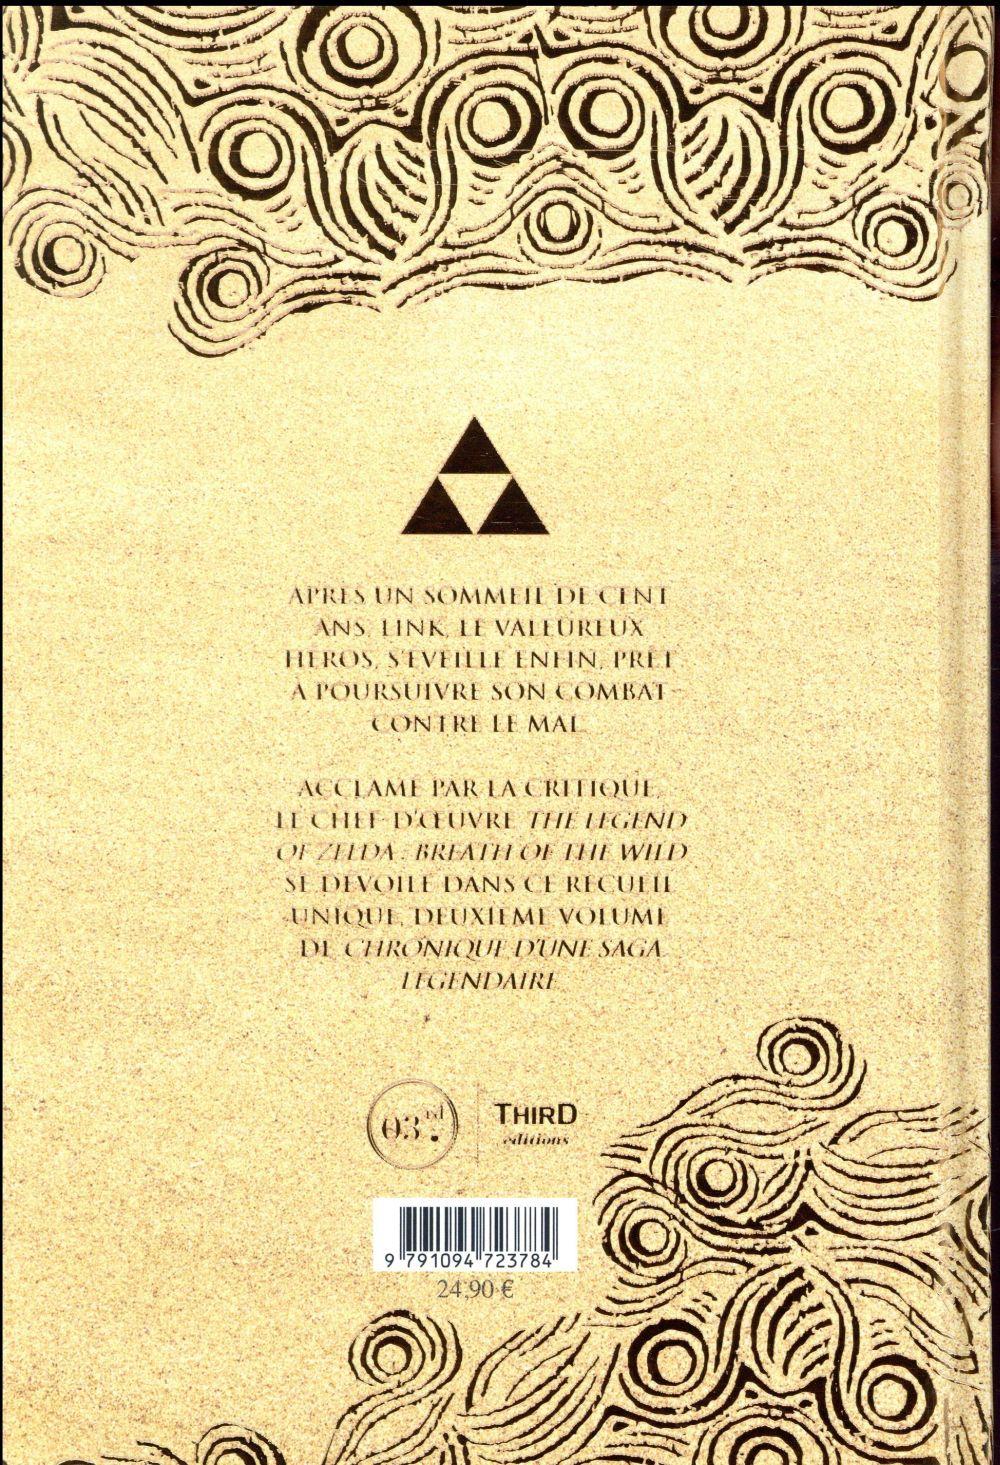 Zelda v.2 ; chronique d'une saga légendaire